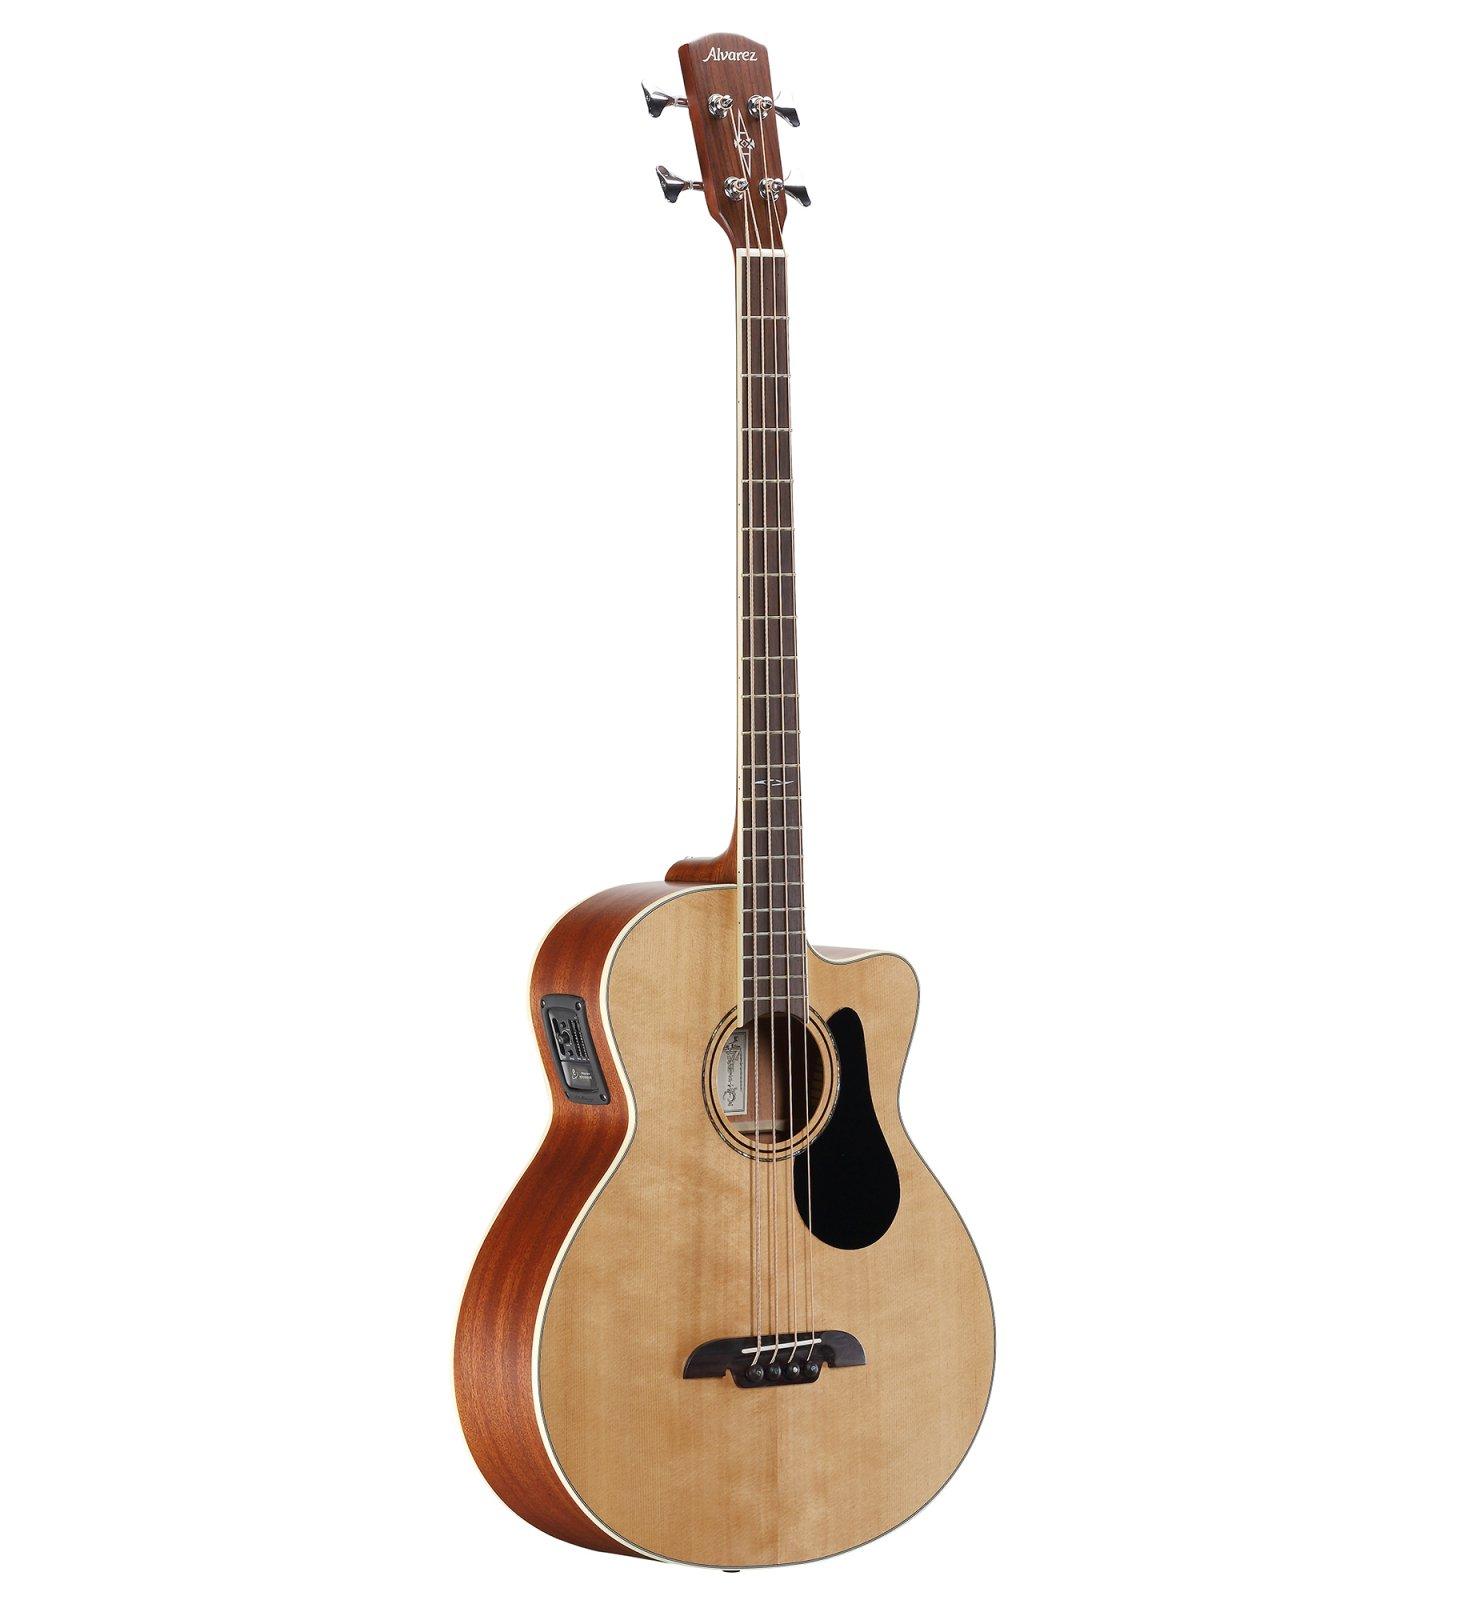 Alvarez AB60CE Acoustic Bass Guitar